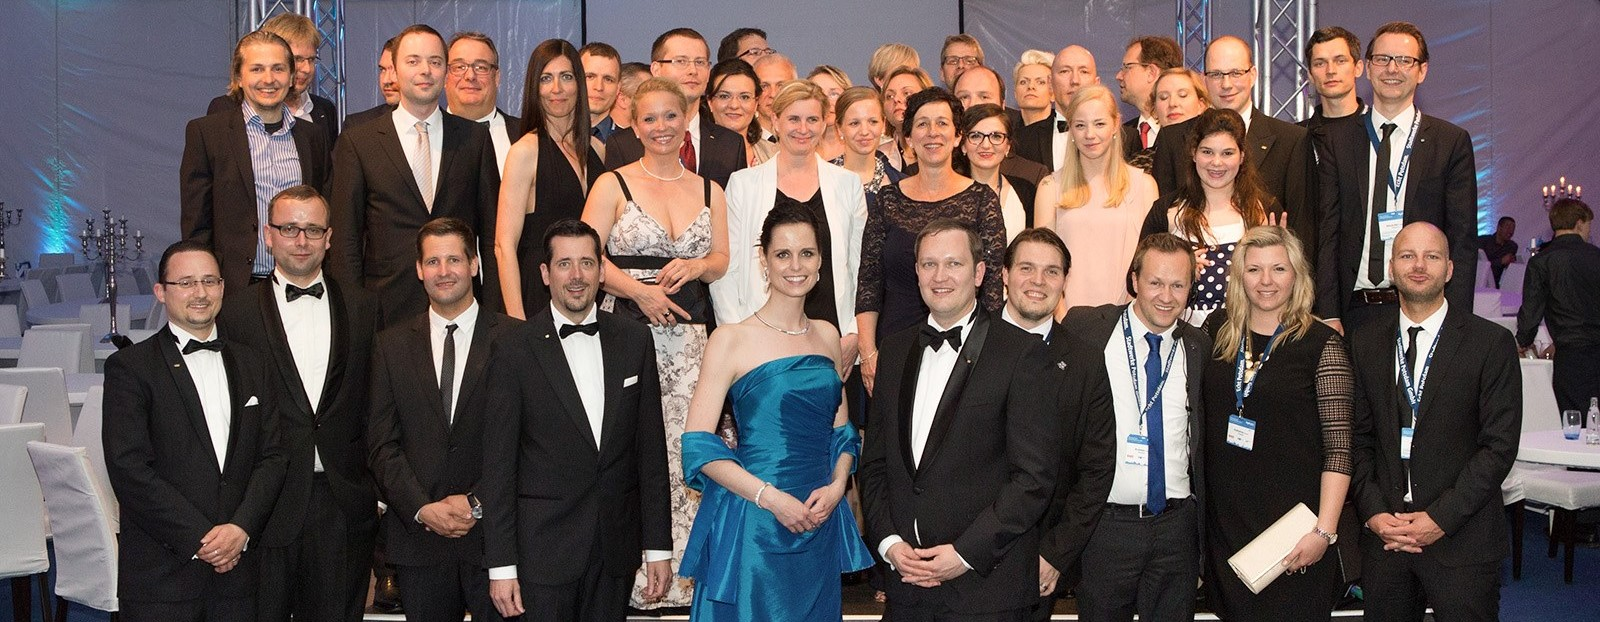 Die Mitglieder der Wirtschaftsjunioren Potsdam